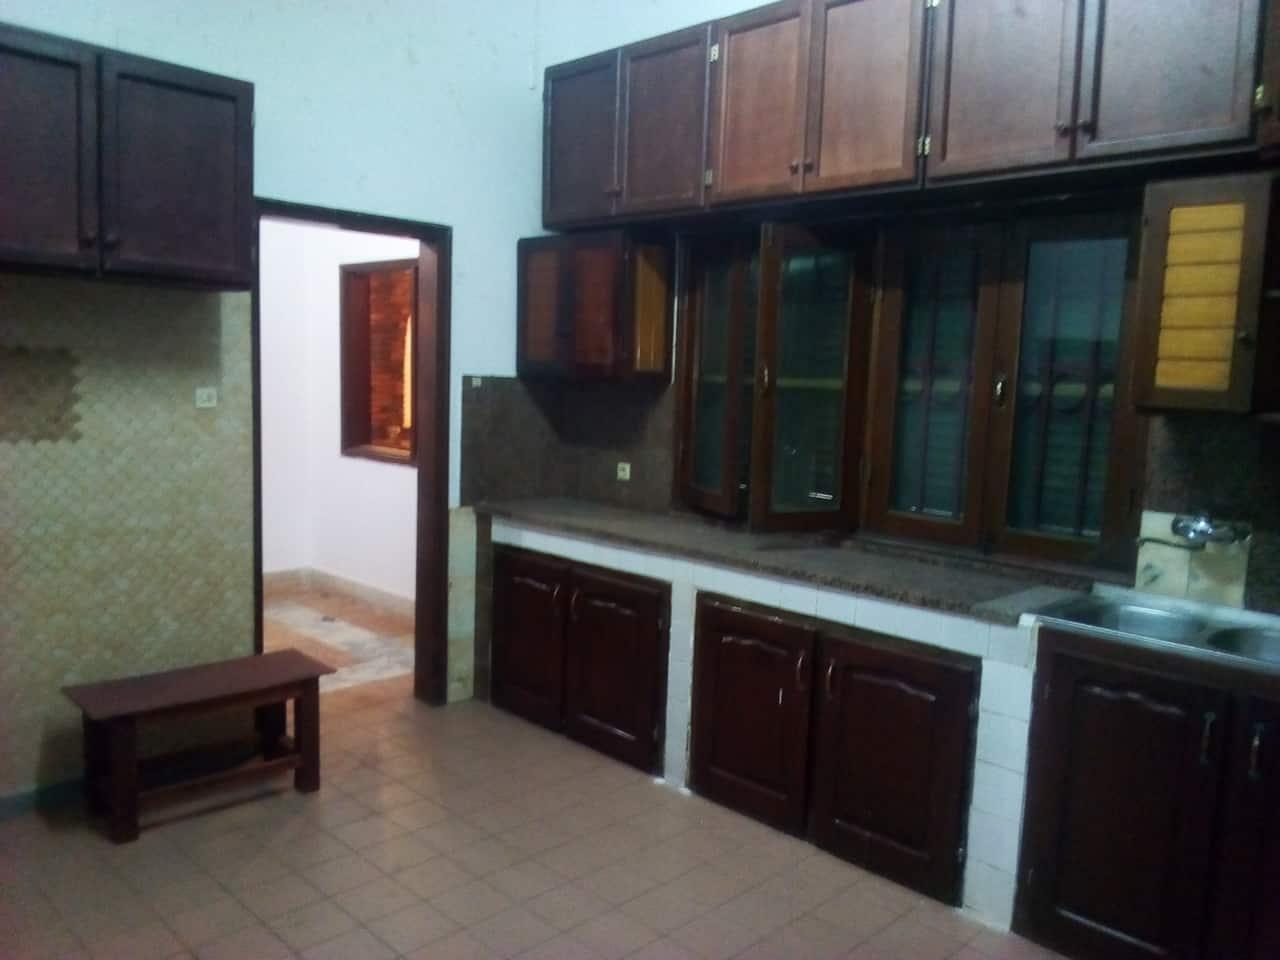 House (Villa) to rent - Yaoundé, Bastos, nouvelle route villa avec piscine - 2 living room(s), 5 bedroom(s), 6 bathroom(s) - 2 000 000 FCFA / month